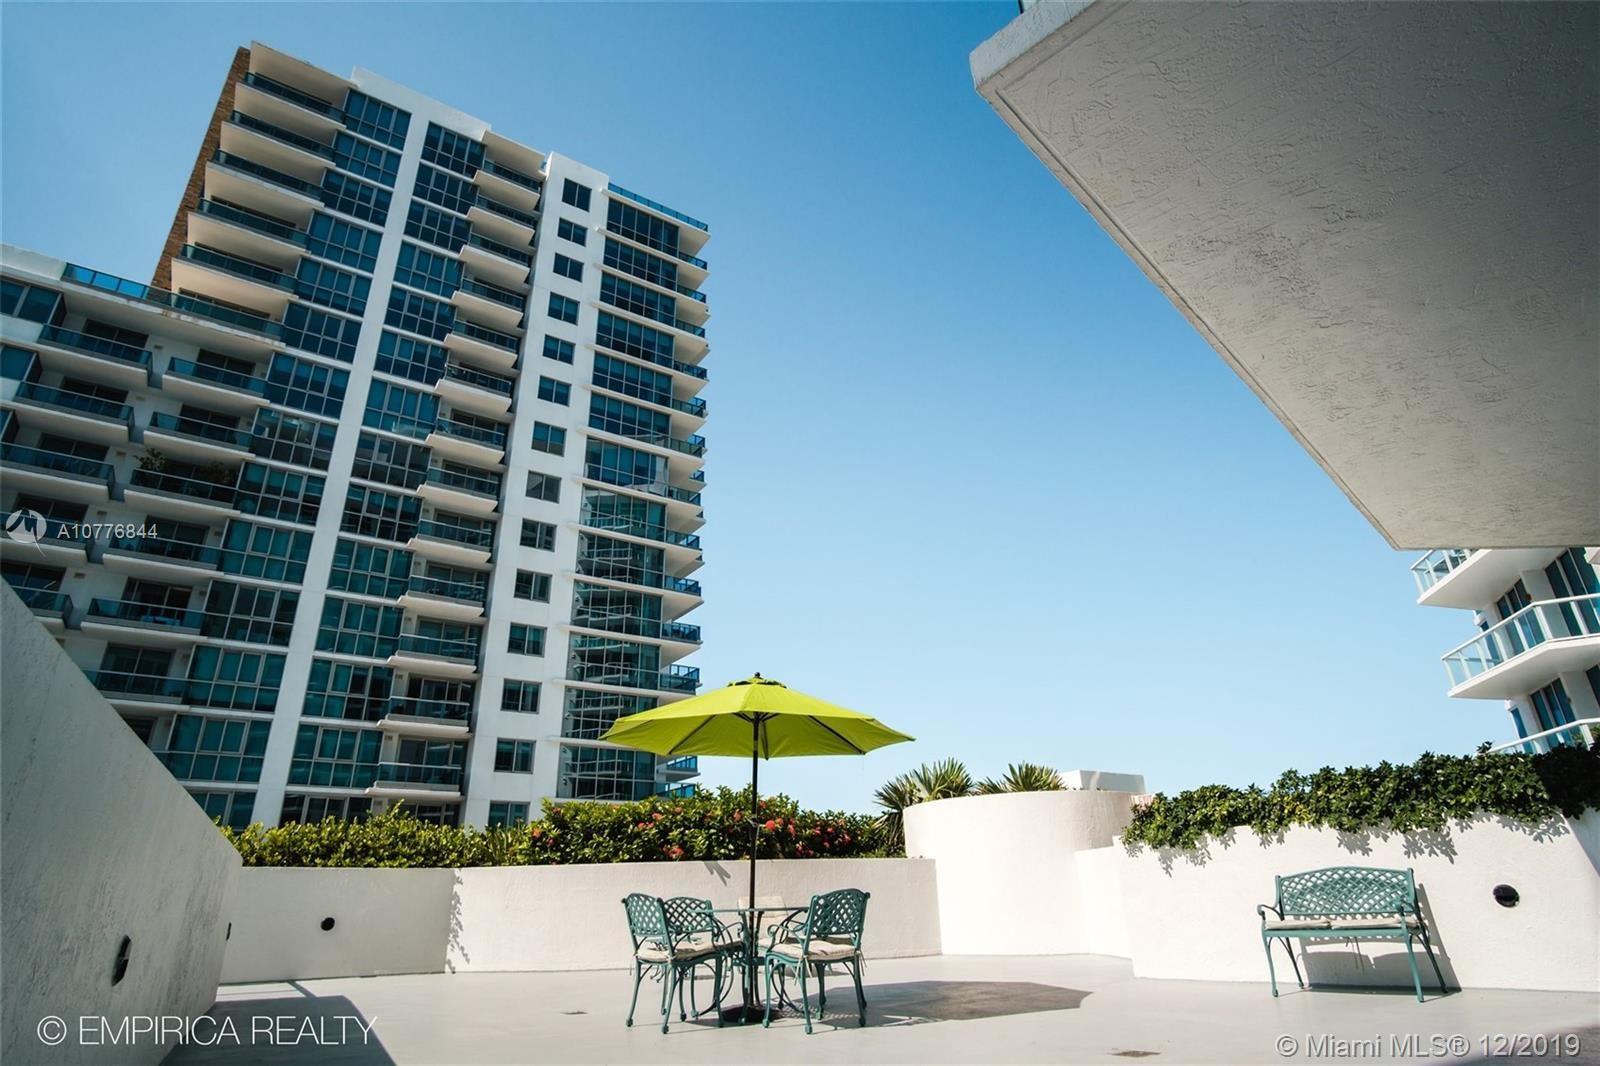 6515 Collins Ave #610, Miami Beach, FL 33141 - #: A10776844